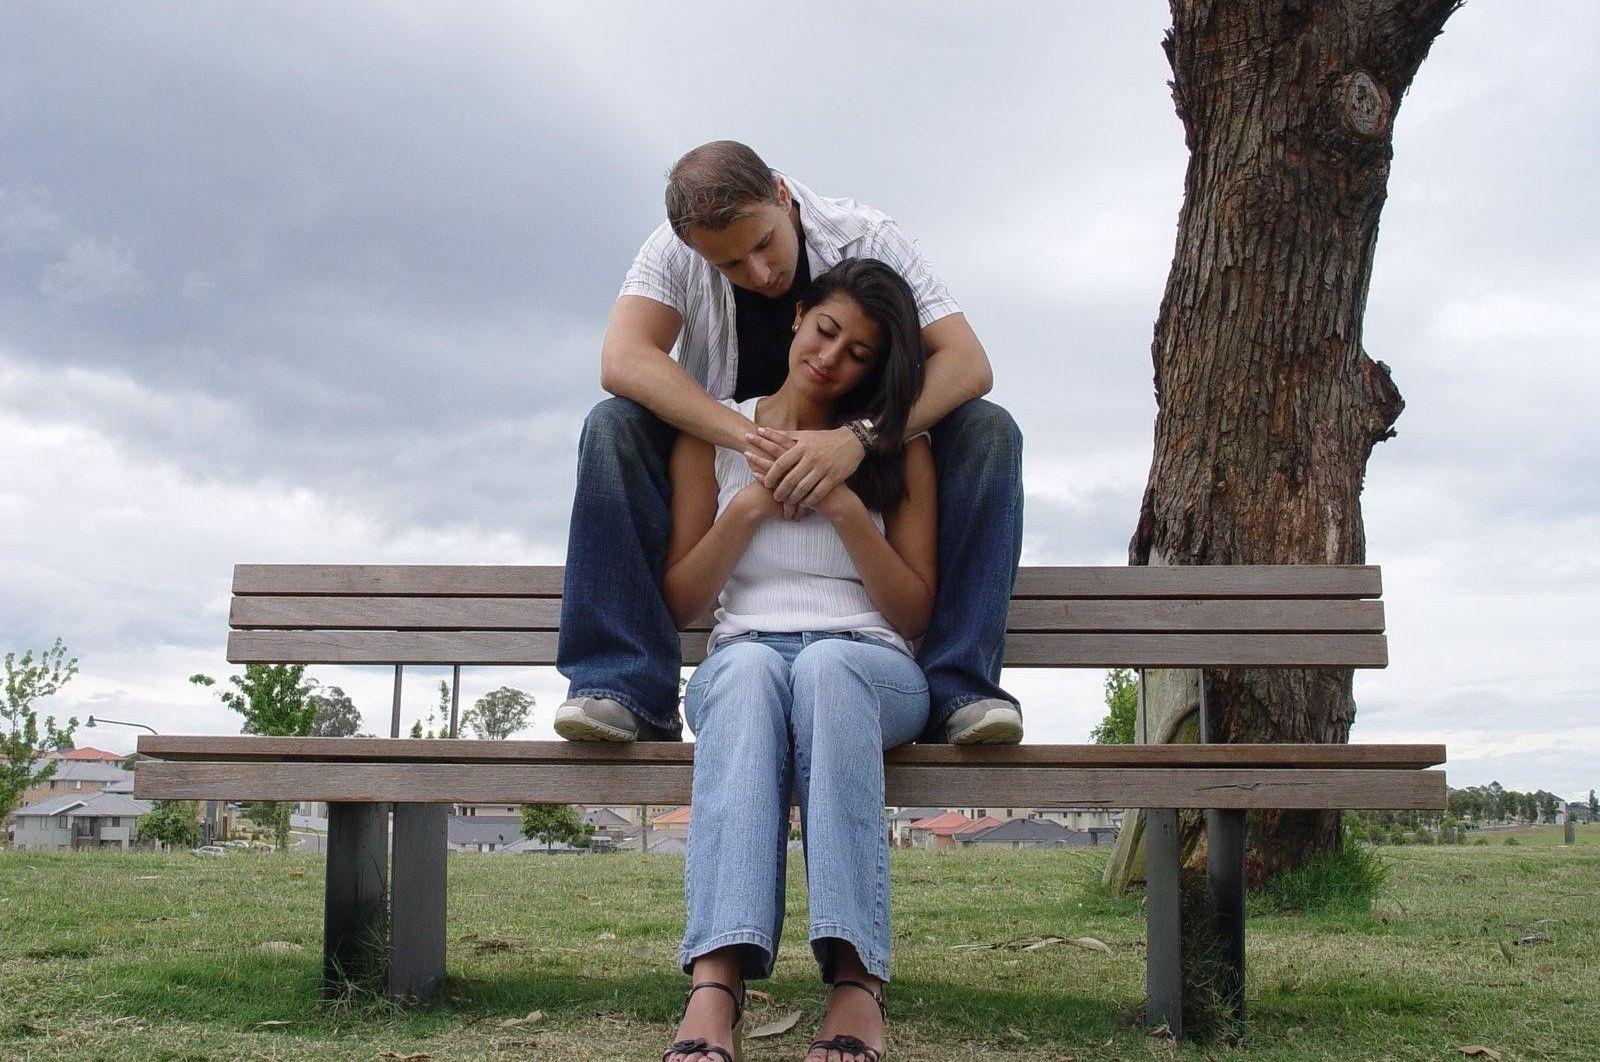 Pareja romántica en banco Imágenes de amor de pareja